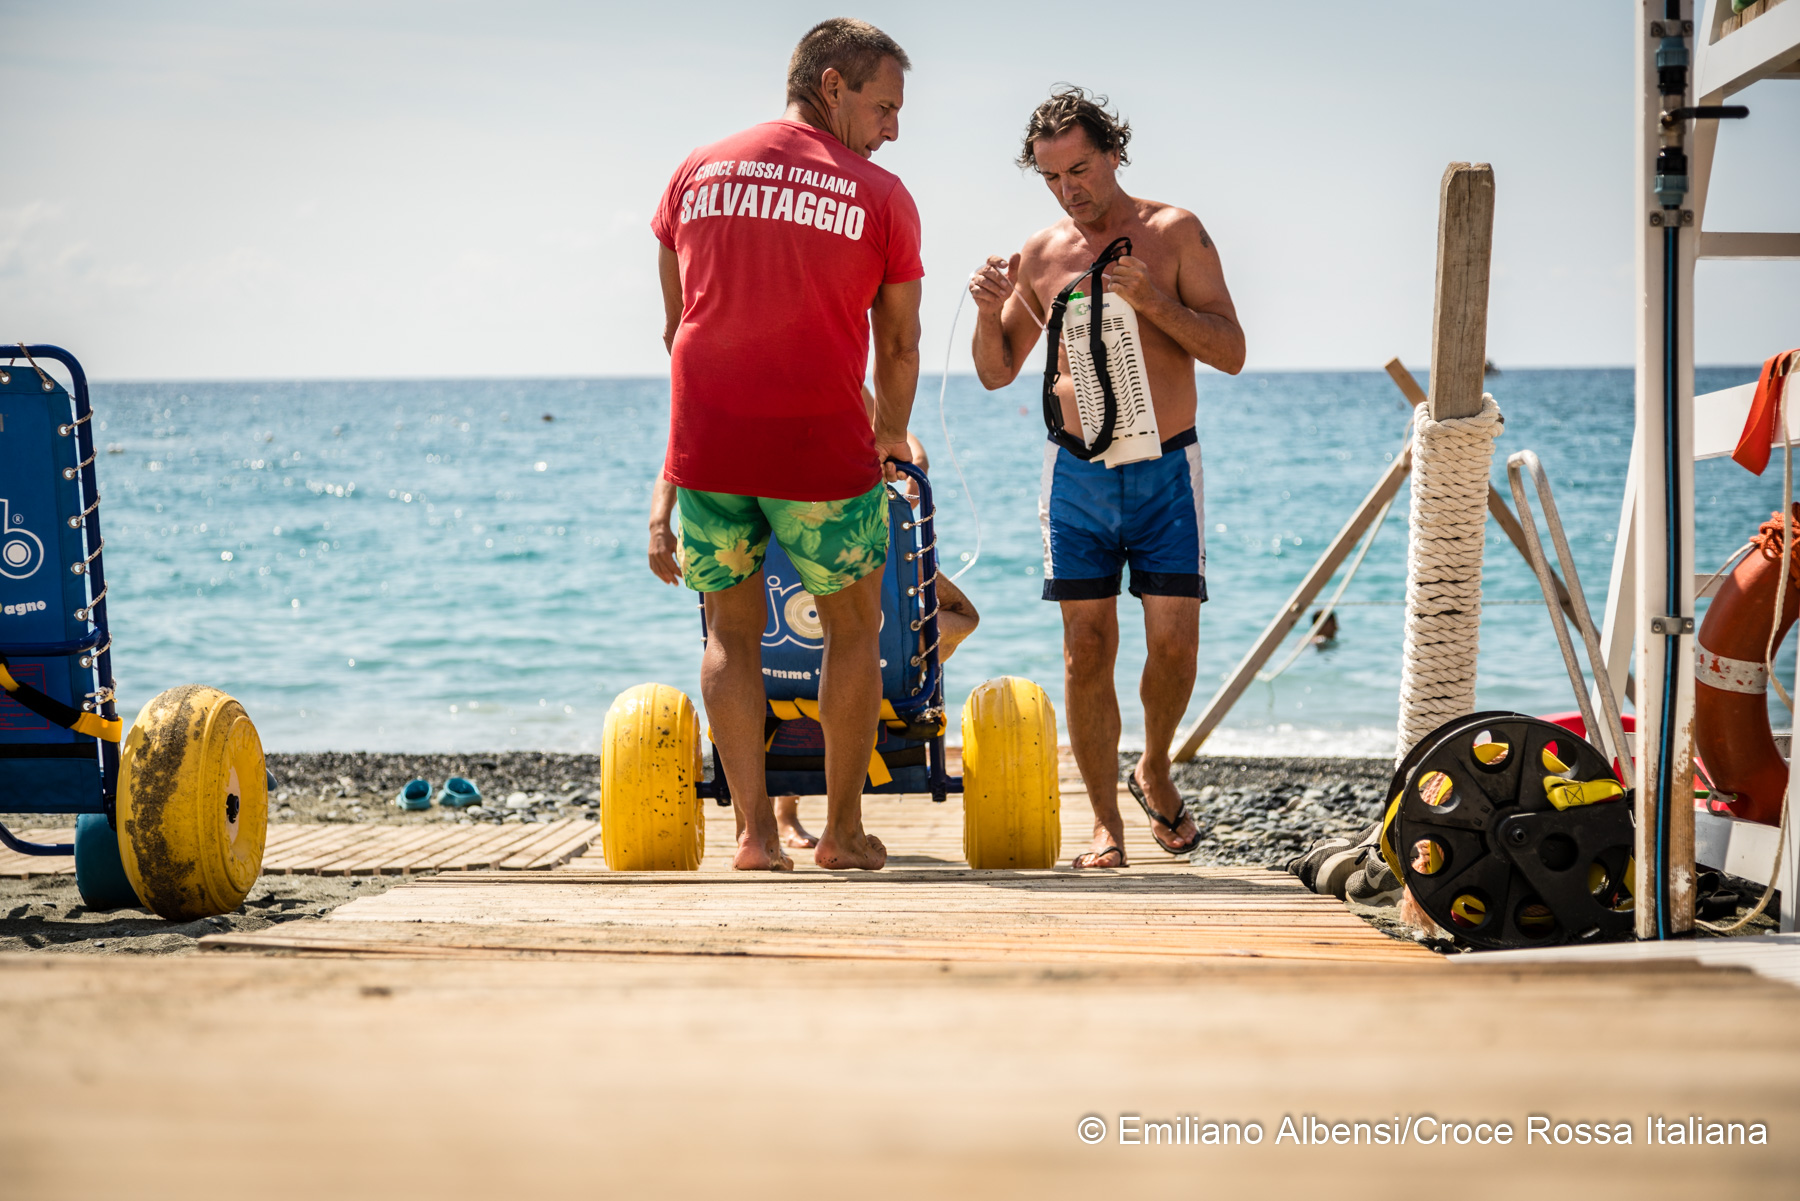 Spiagge Solidali della CRI, dove la libertà non è un'opportunità, ma una scelta